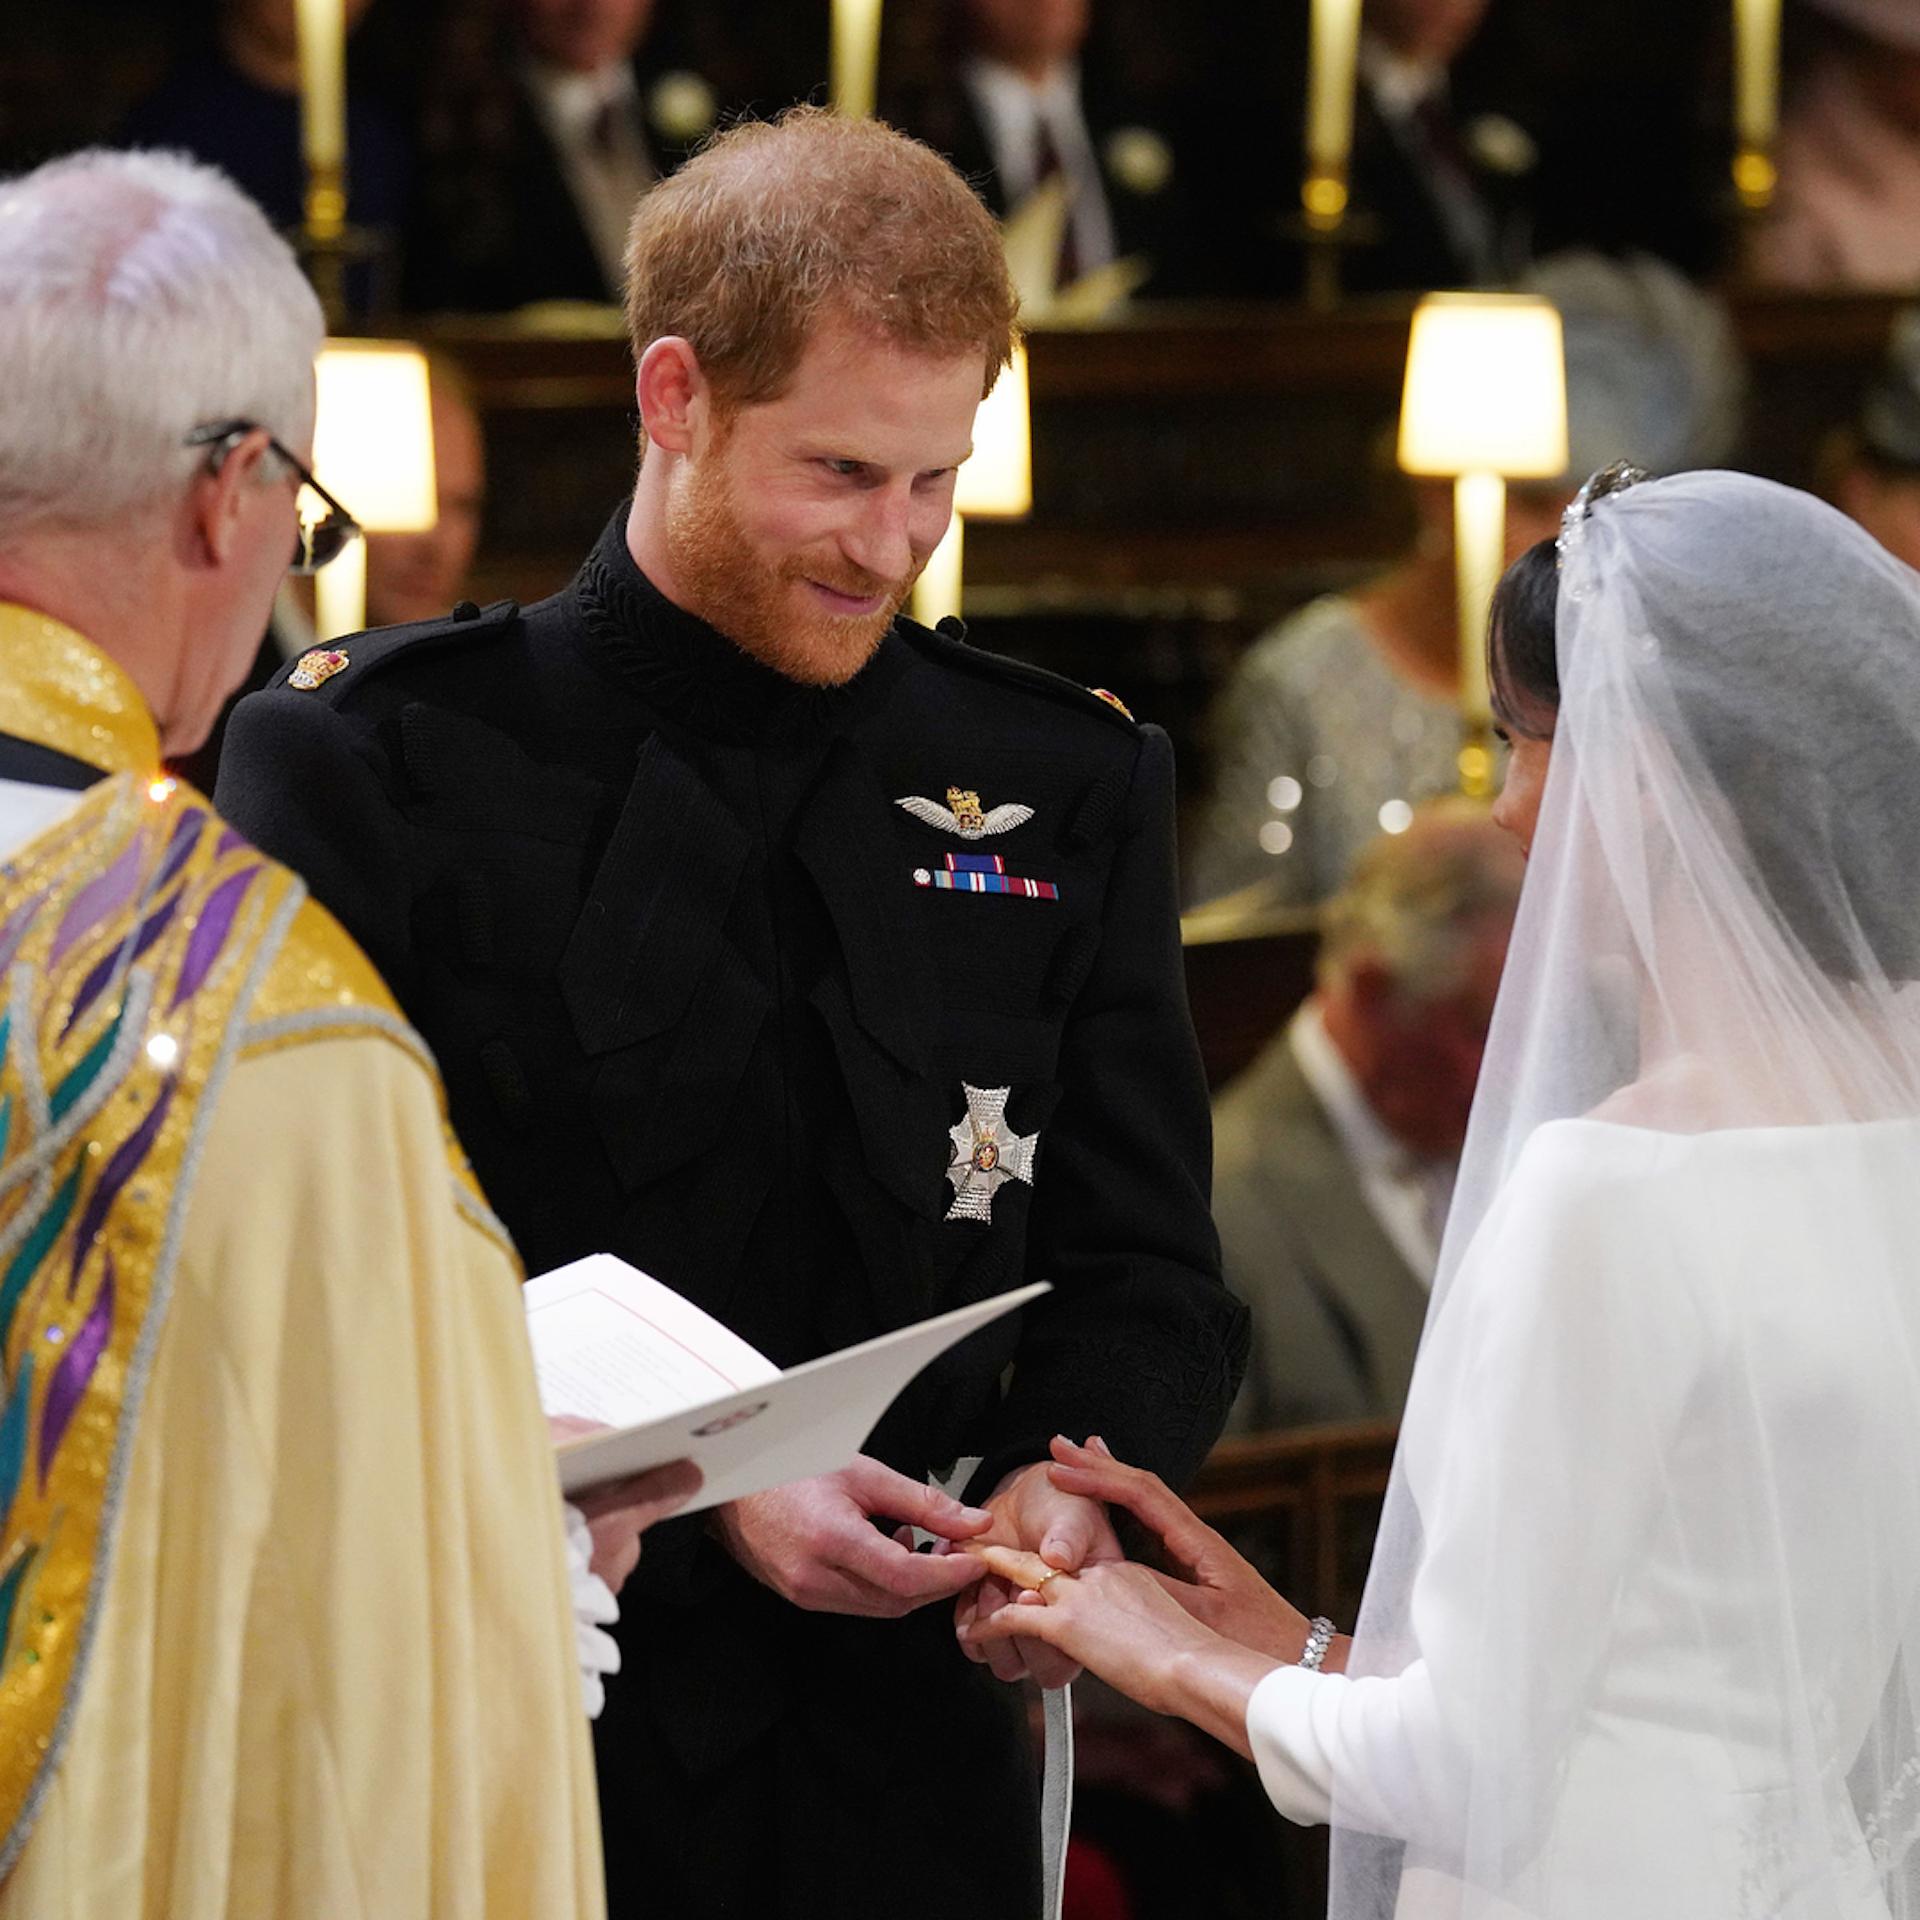 Otra toma del momento en que el príncipe Harry le pone la alianza a Meghan.